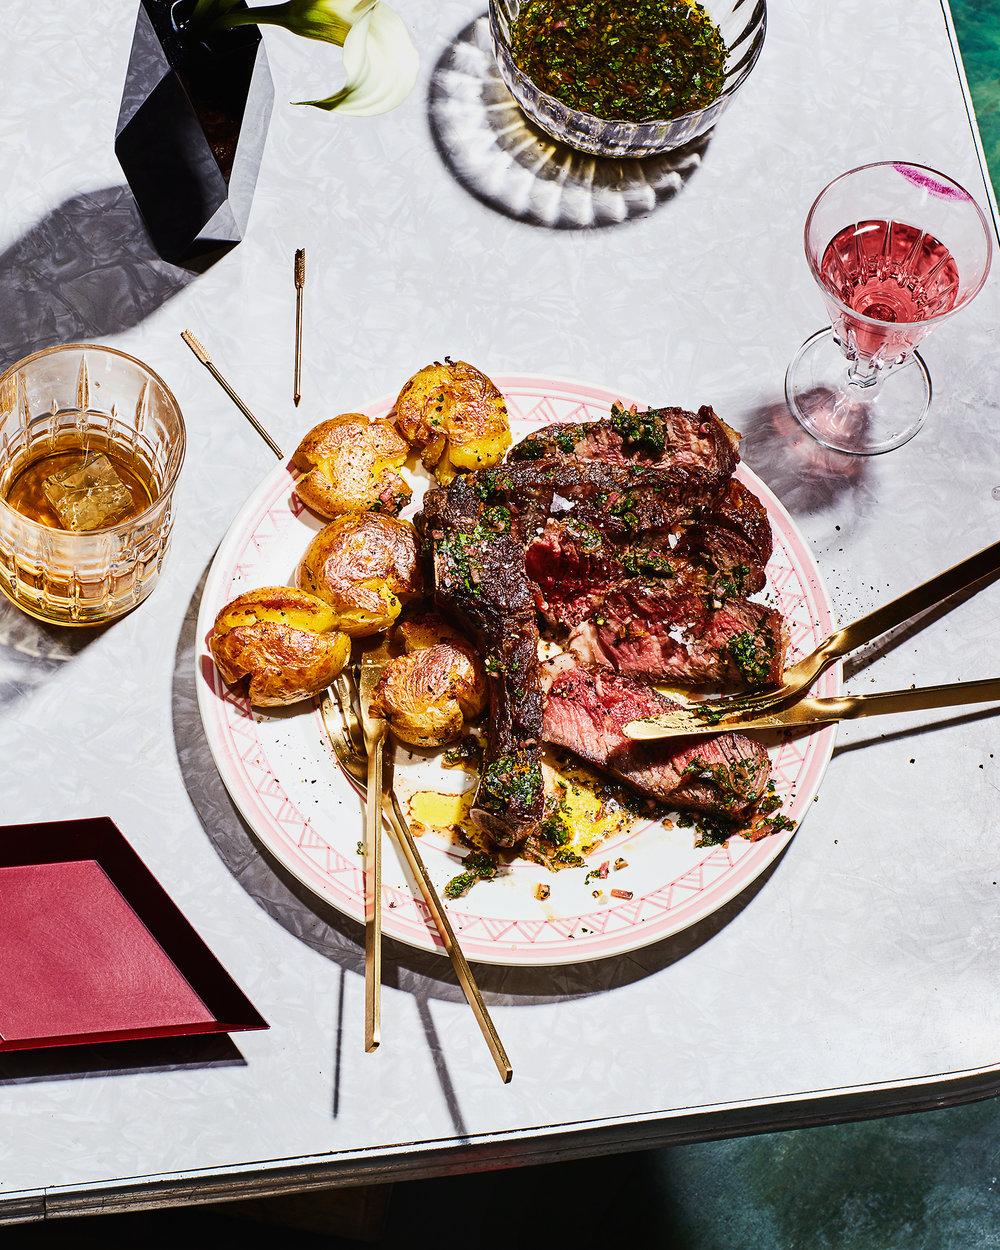 Valentine's-Day-Steak-Dinner-For-Two-instagram-2-03012018.jpg